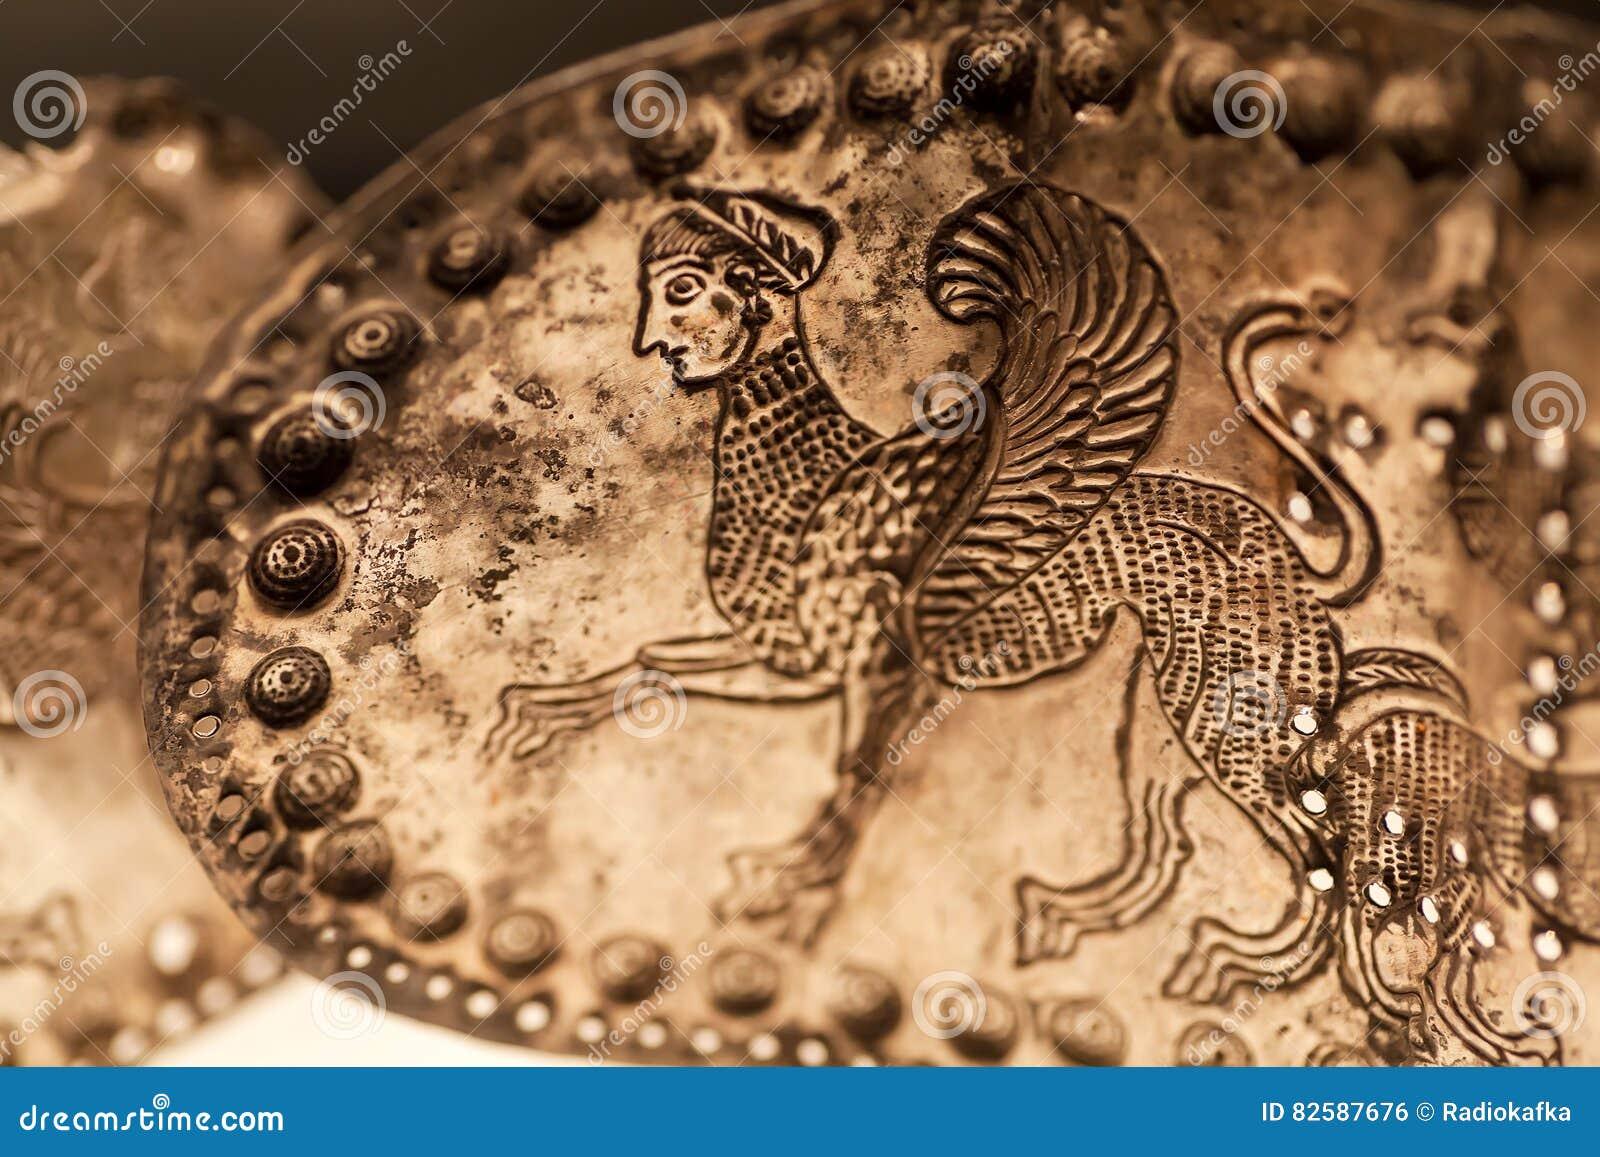 Bältet från metall grundar i jordfästning av område Vani, 4th för århundradet konst F. KR. Kulturföremål sparat av det georgiska